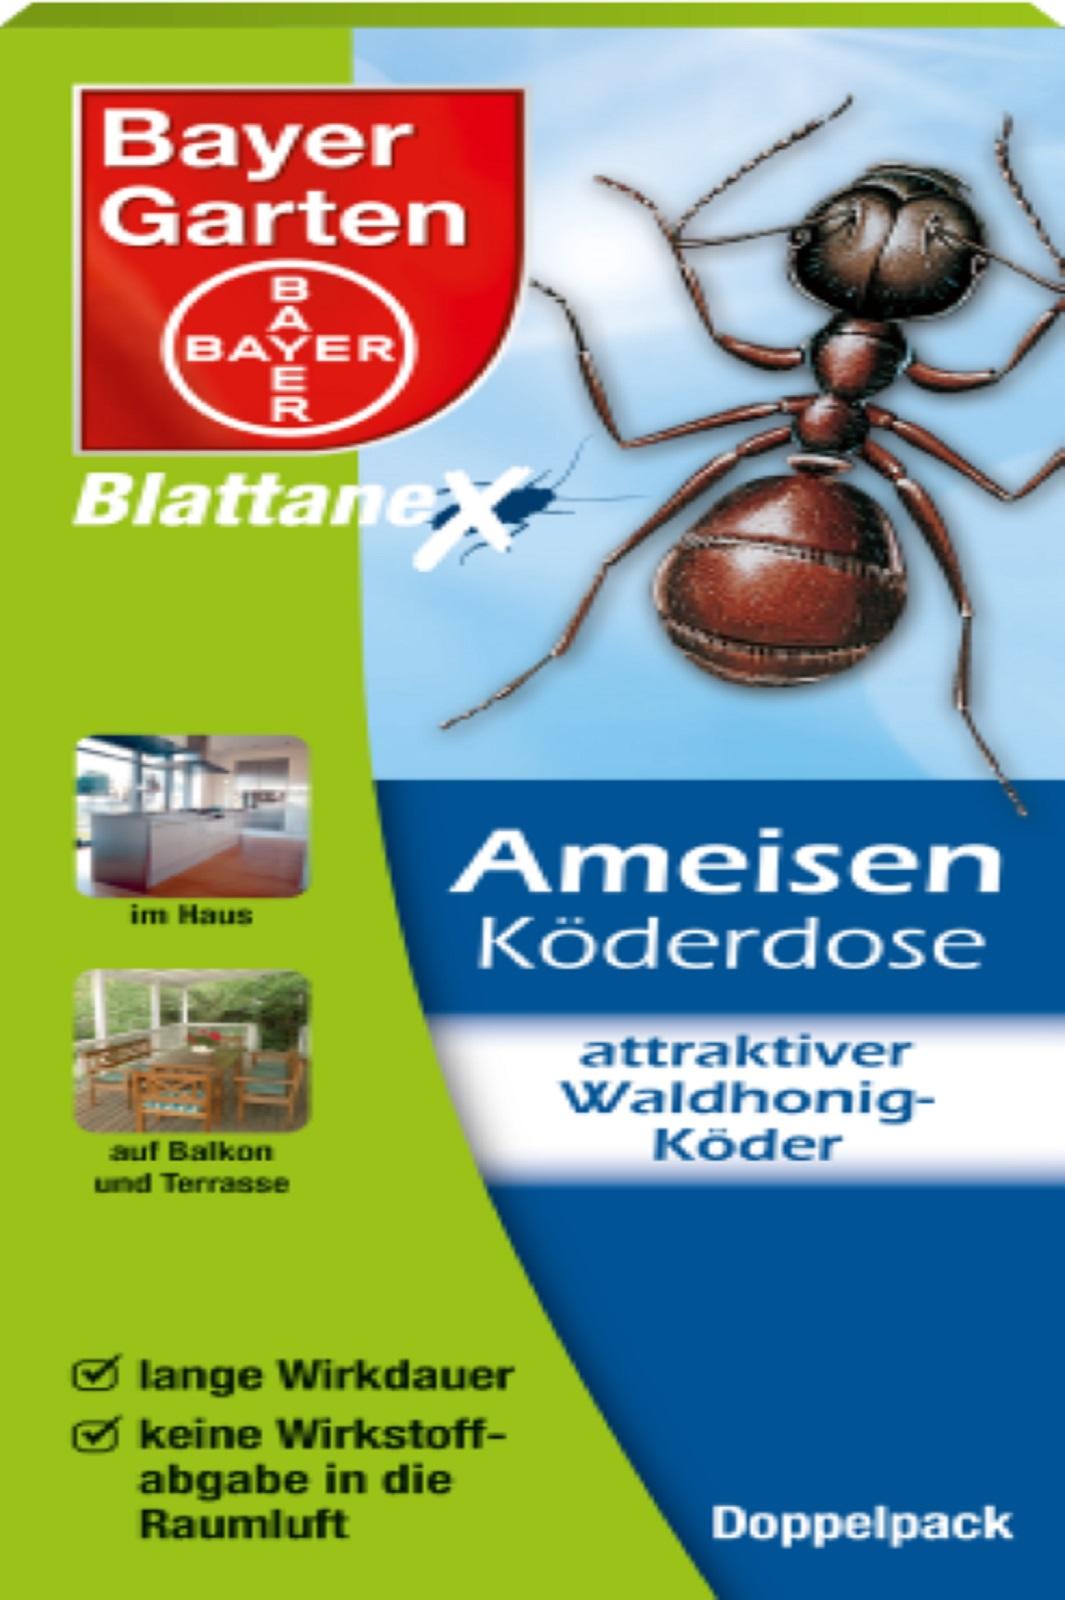 Bayer Blattanex Ameisen Köderdosen 2 Stk in der Packung